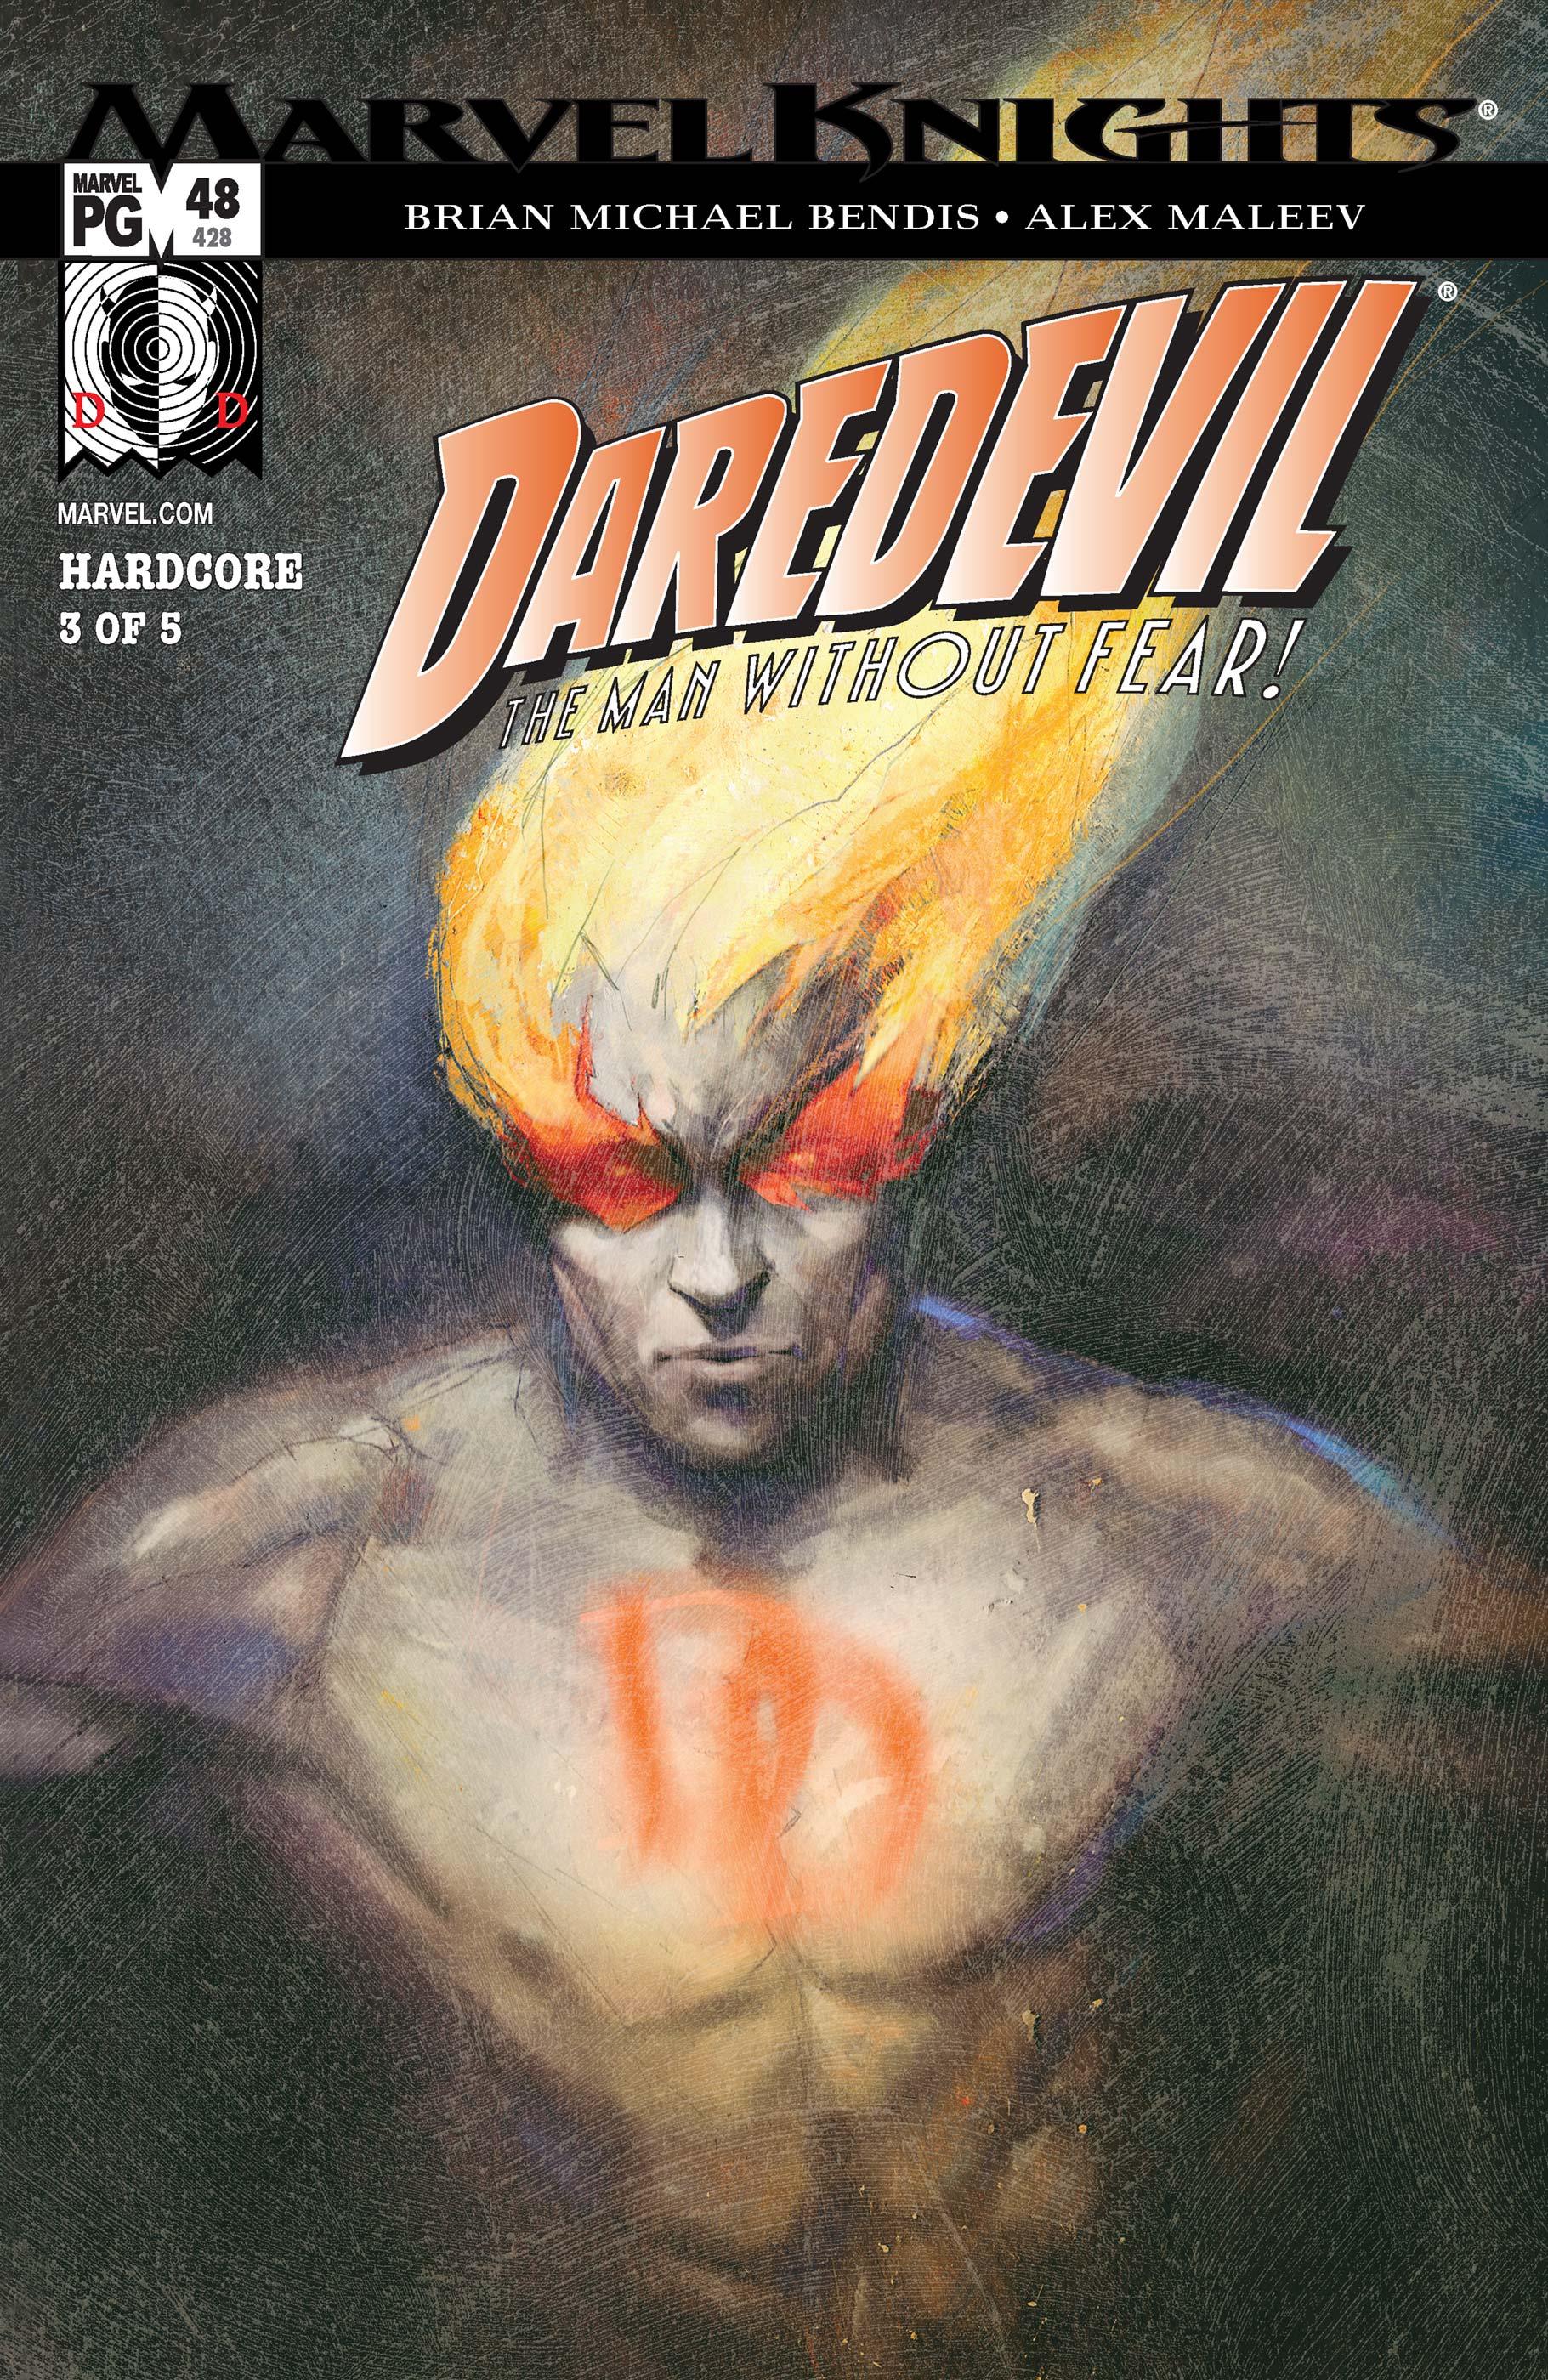 Daredevil (1998) #48